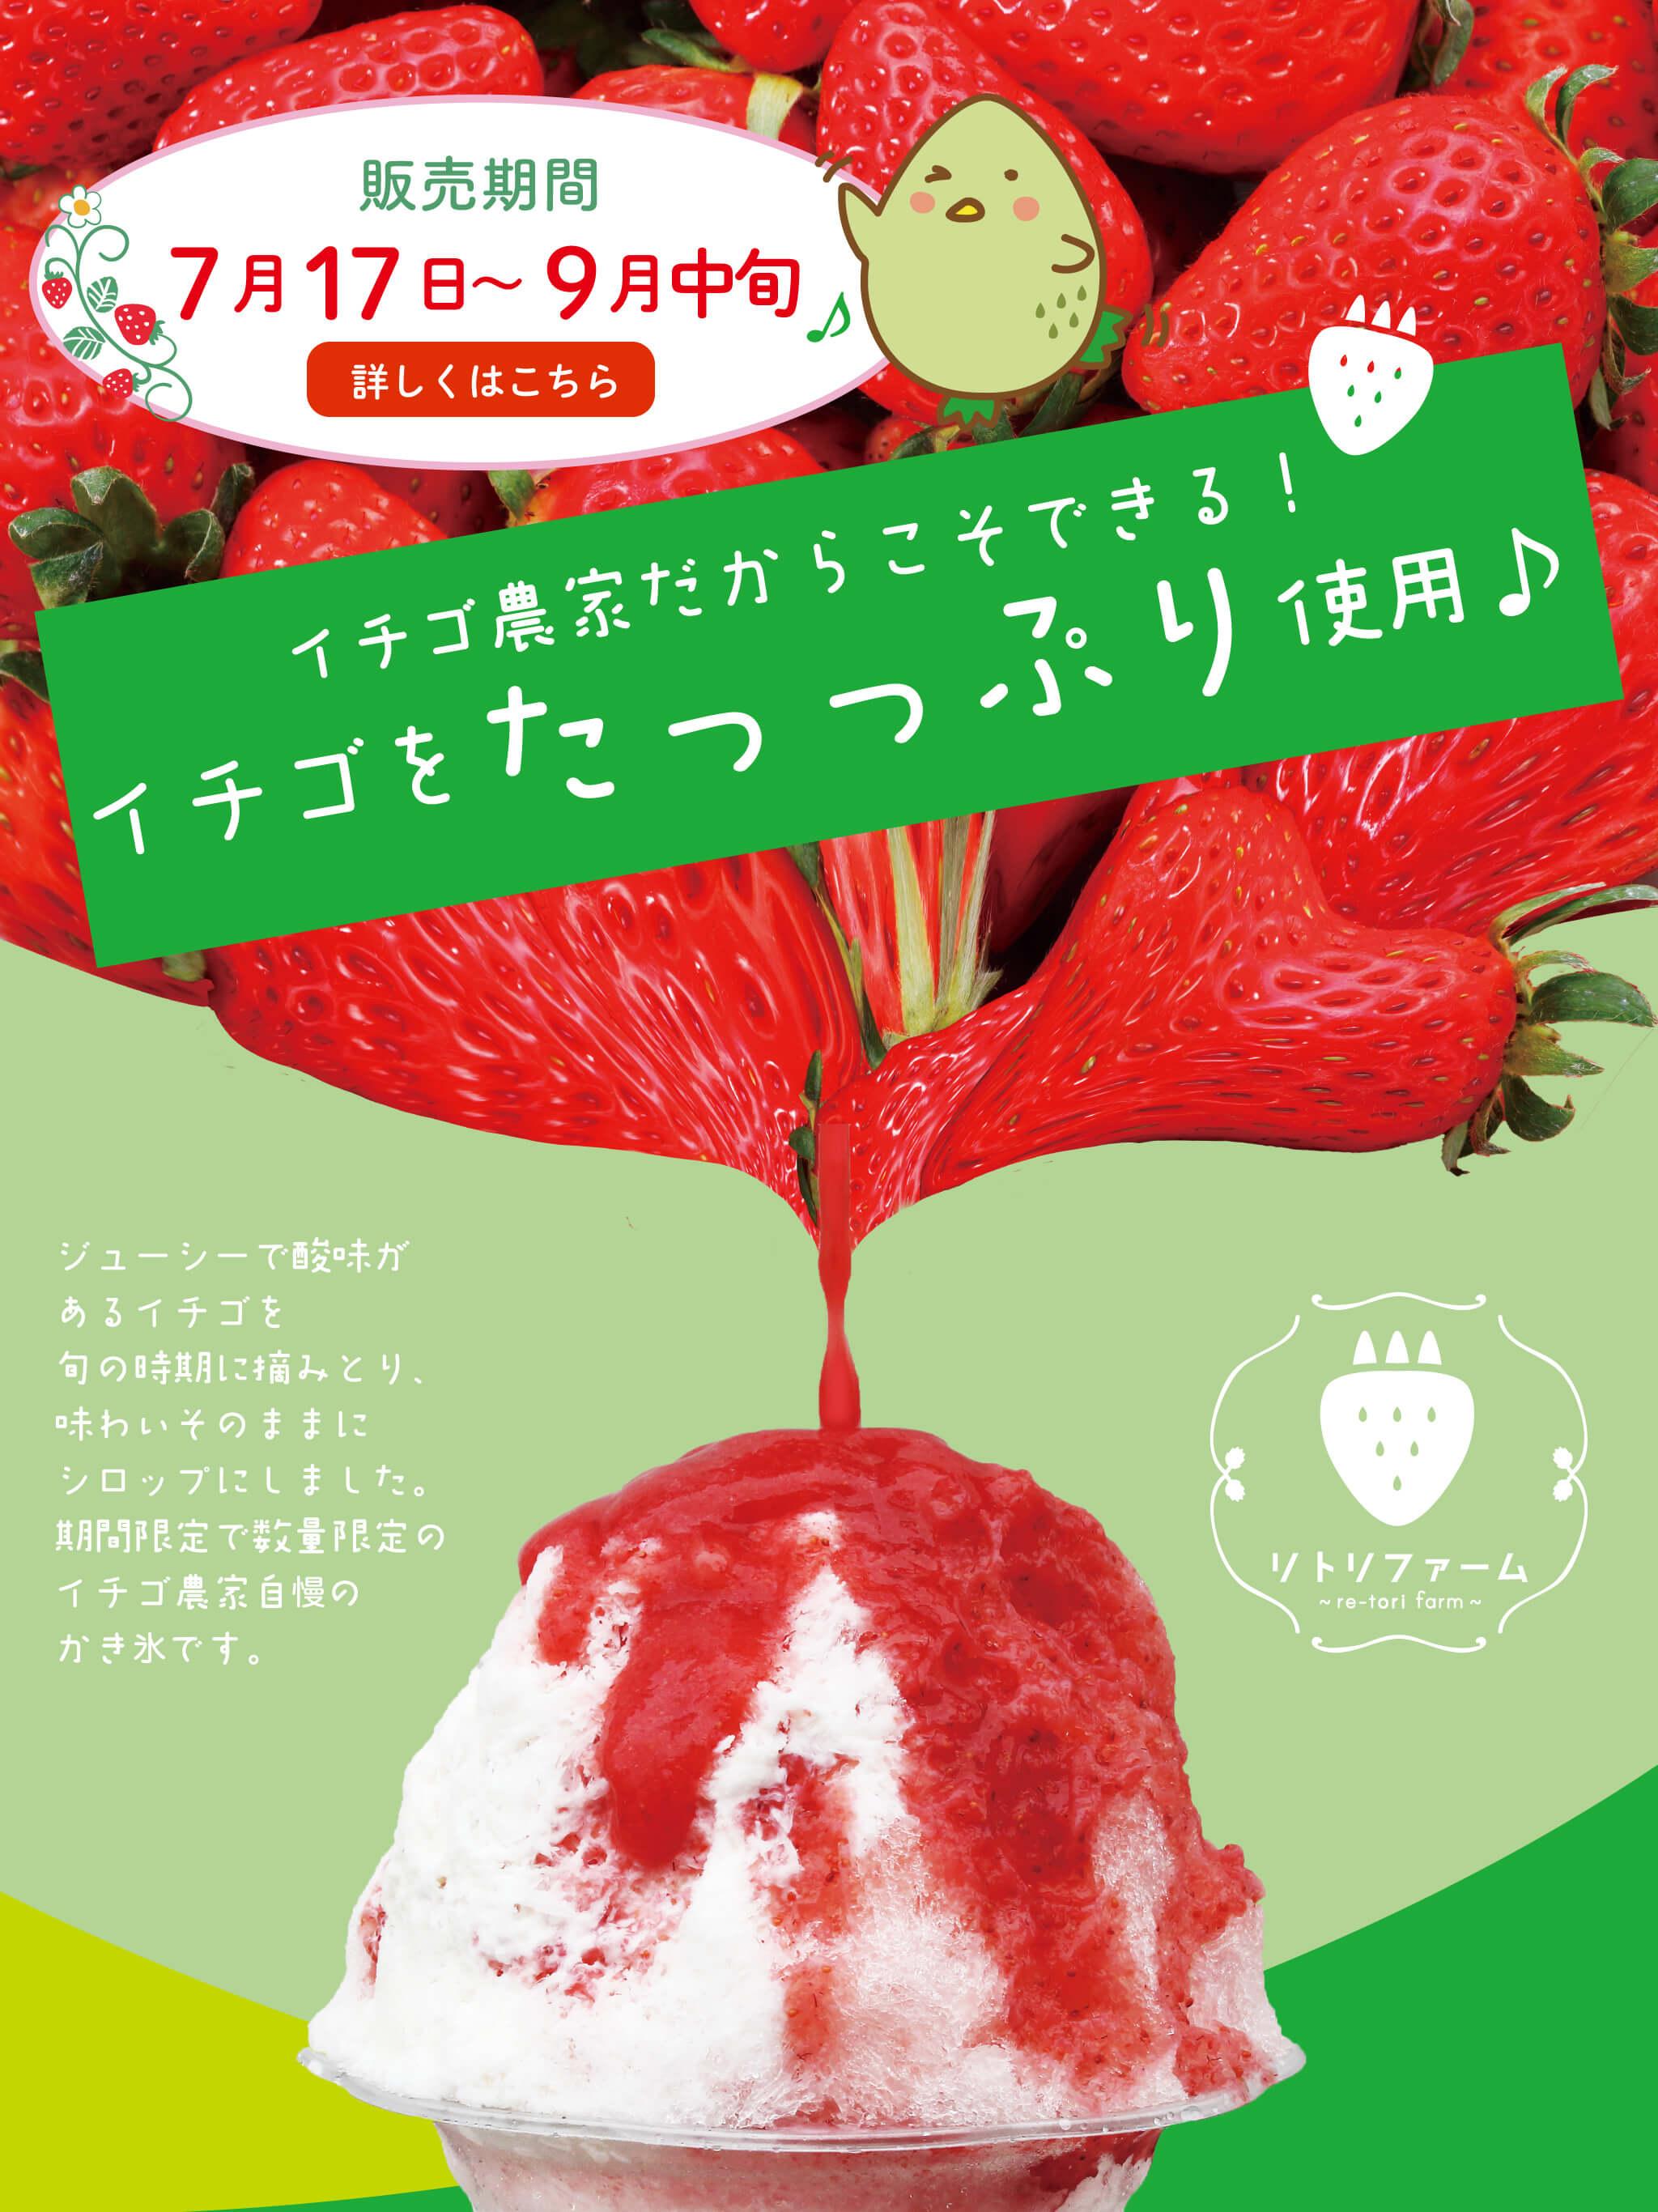 いちご農家だからこそできるイチゴをたっぷり使用したかき氷♪